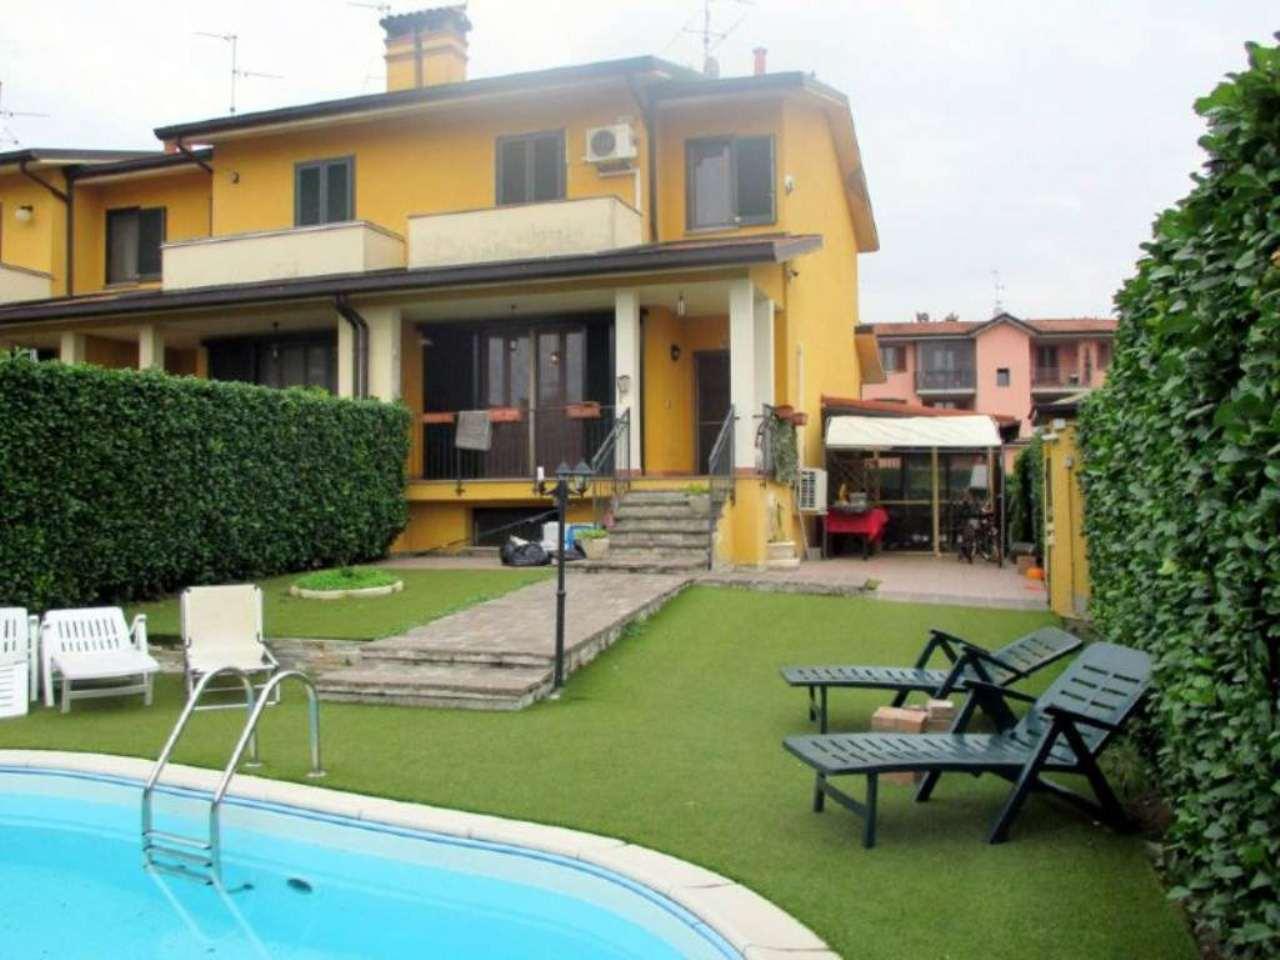 Villa a Schiera in vendita a Torre d'Arese, 4 locali, prezzo € 190.000 | Cambio Casa.it